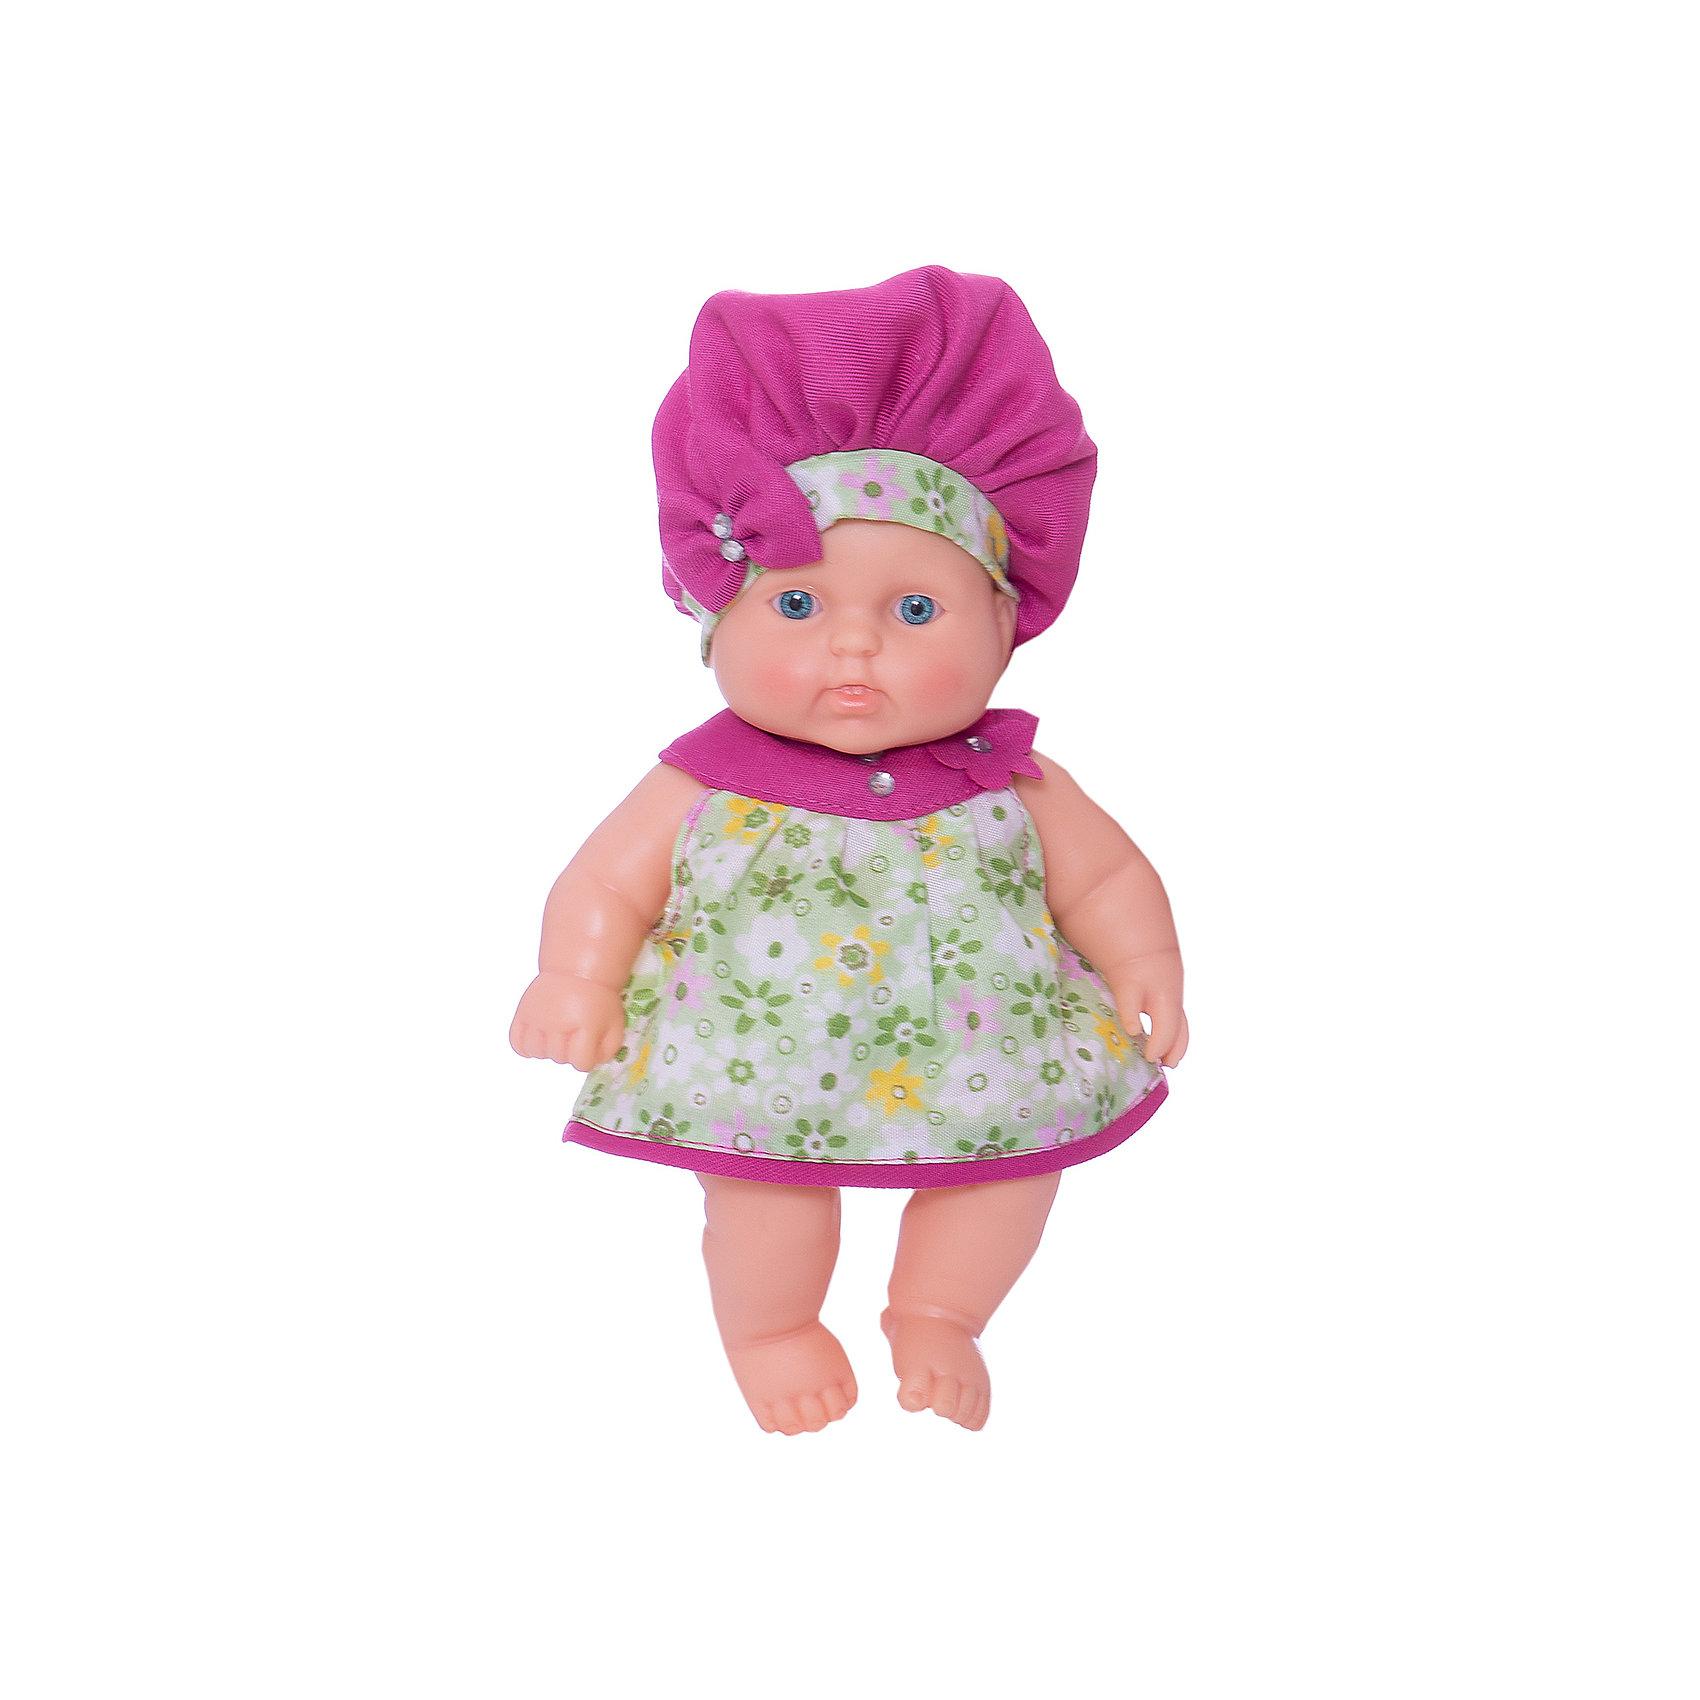 Весна Кукла Карапуз 13 (девочка), 20 см, Весна куклы карапуз кукла карапуз принцесса рапунцель 25 см